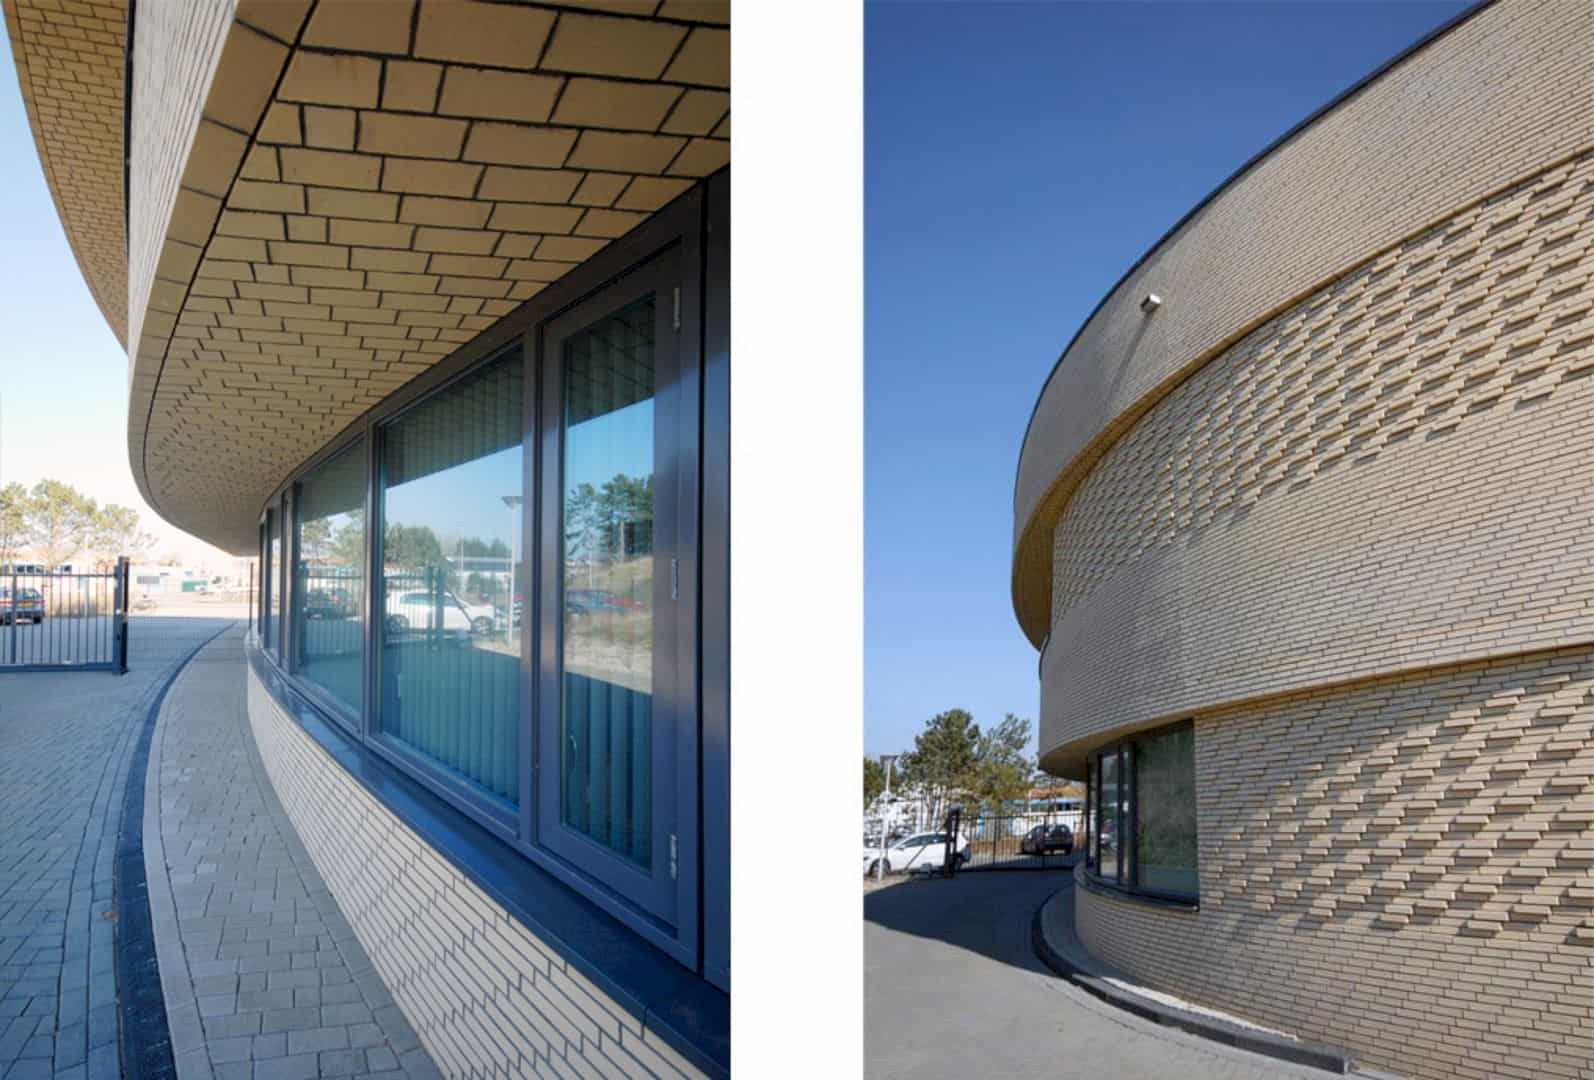 Fire Station Zandvoort By Jeanne Dekkers Architectuur 9